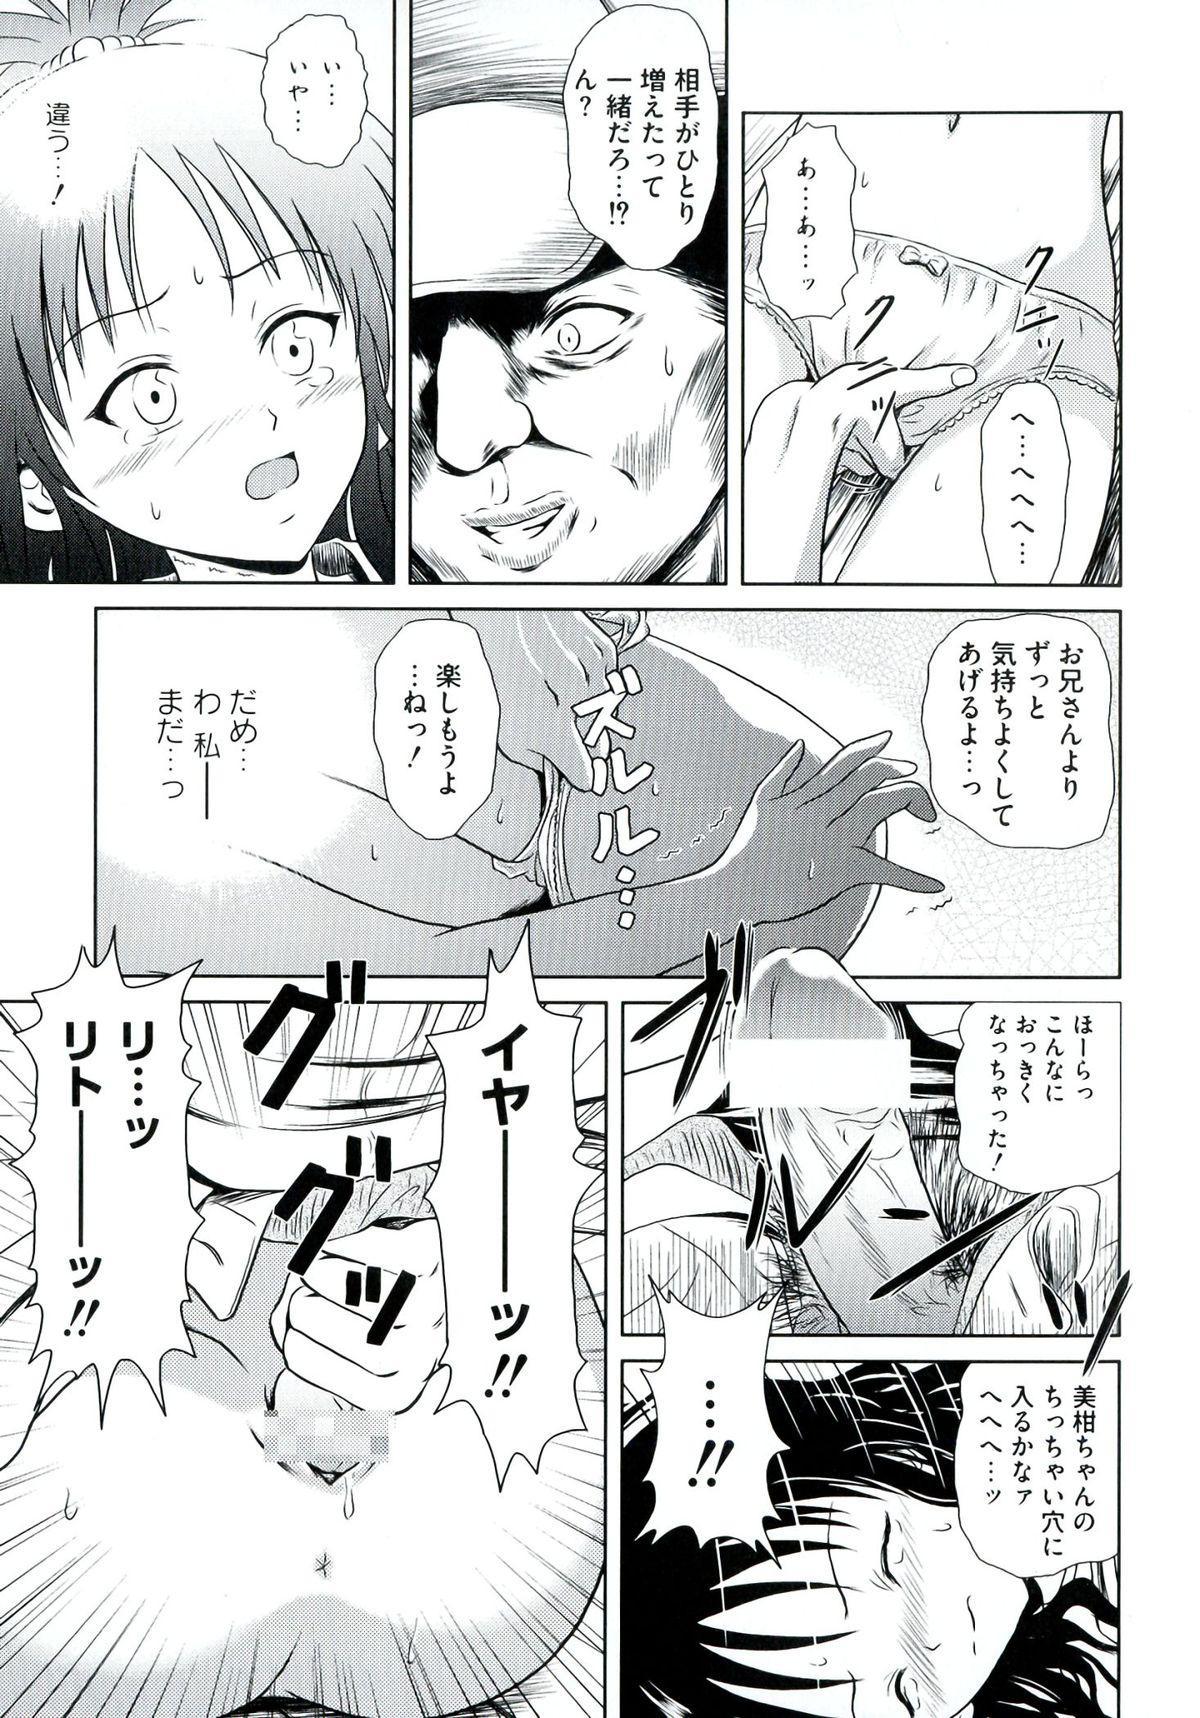 Geki EROVEru DARKNESS 142